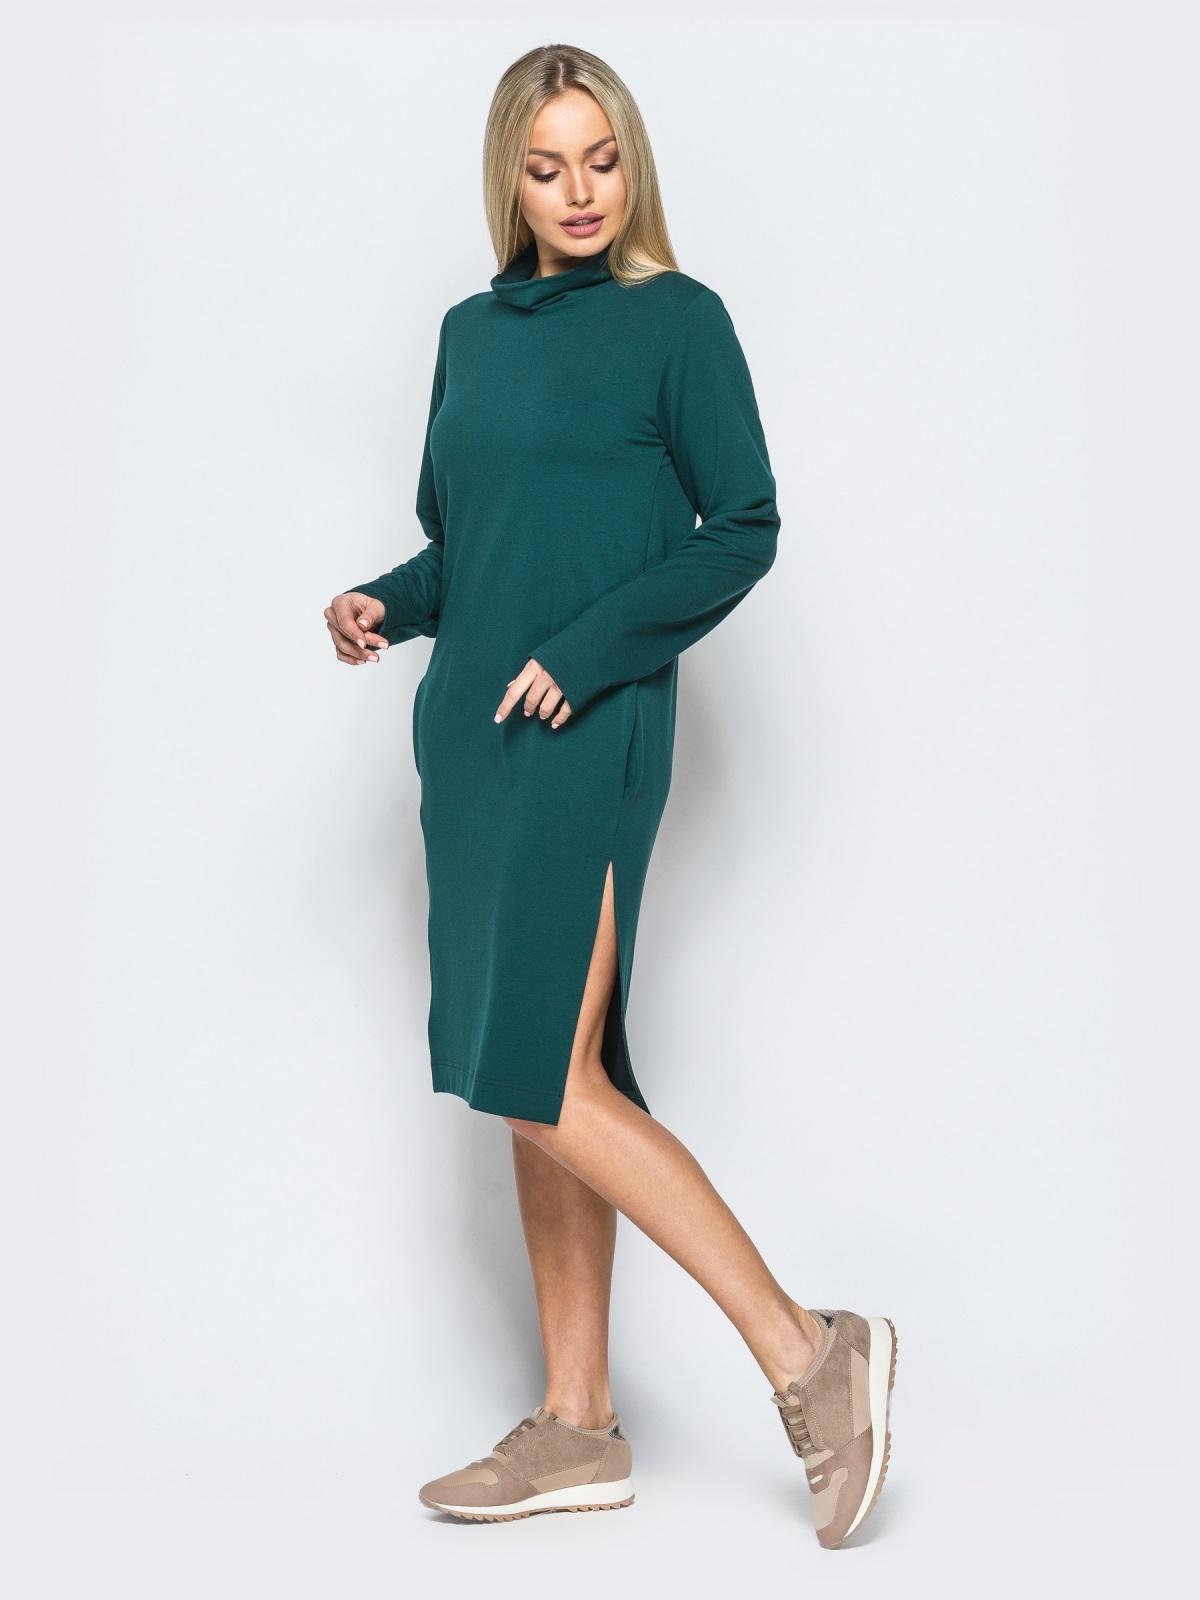 Платье из двунитки со змейкой на спинке зелёное - 17420, фото 1 – интернет-магазин Dressa